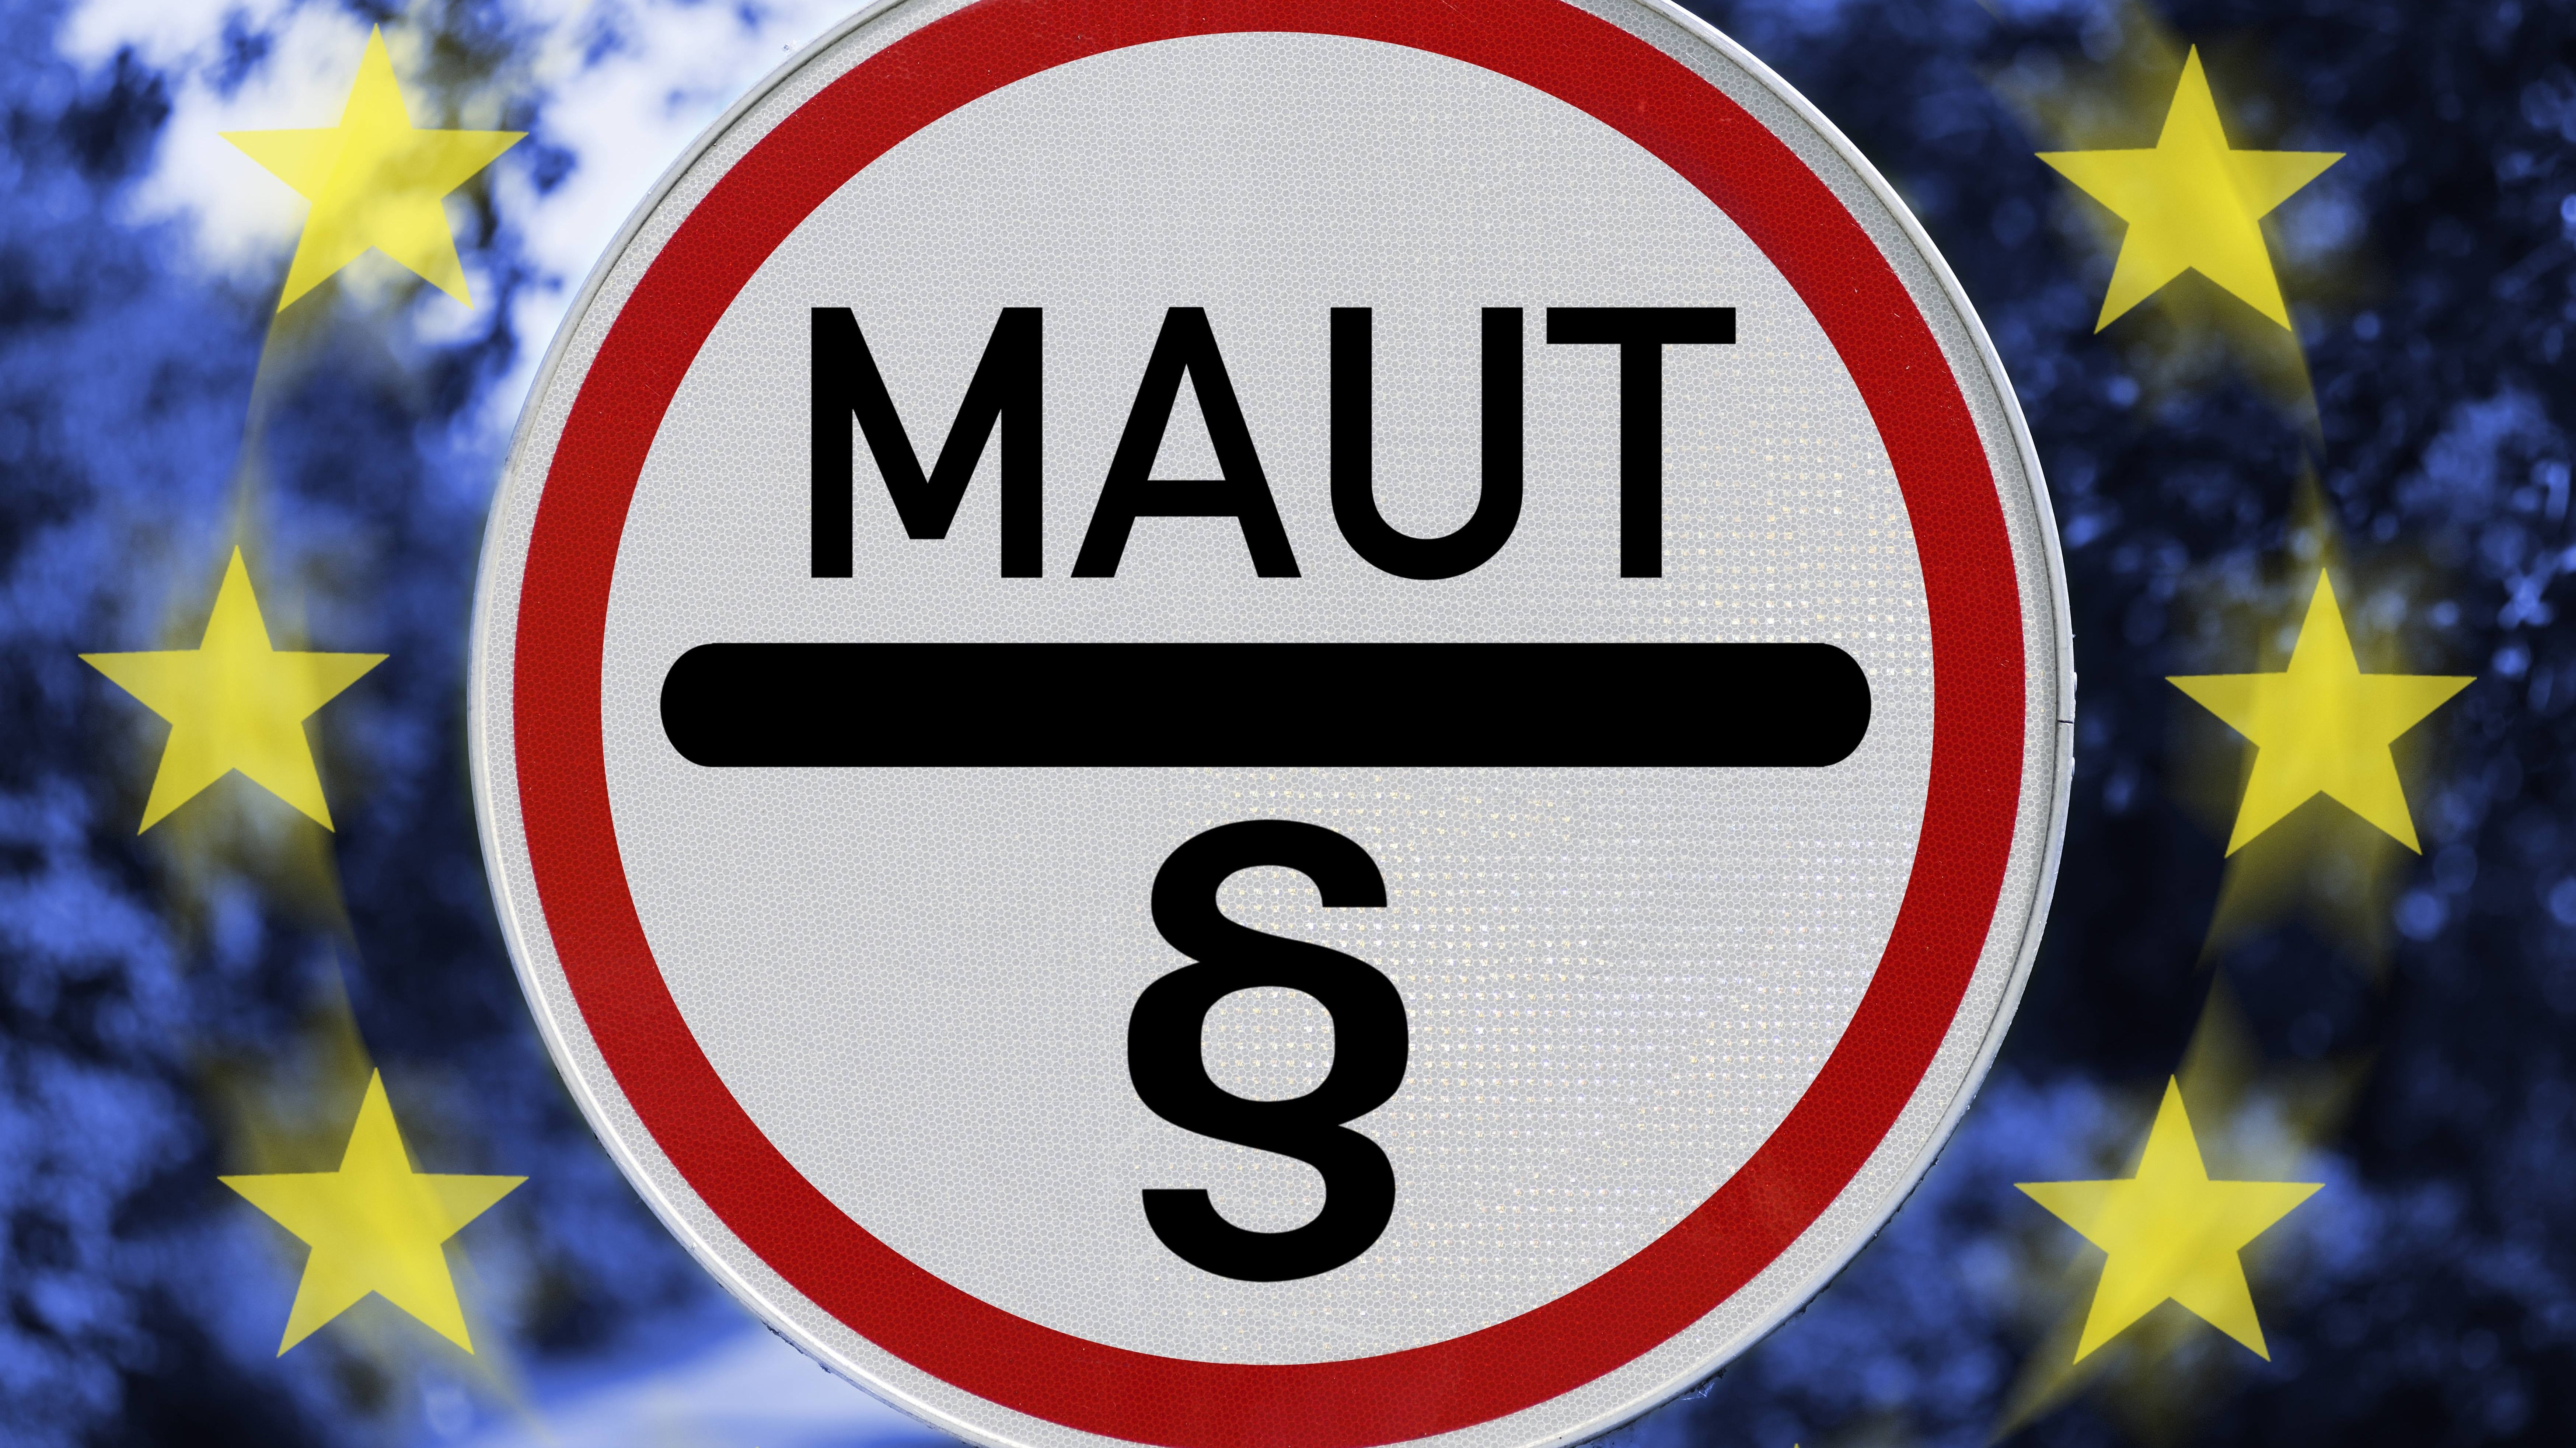 Maut-Schild mit Paragraphenzeichen und EU-Sternen